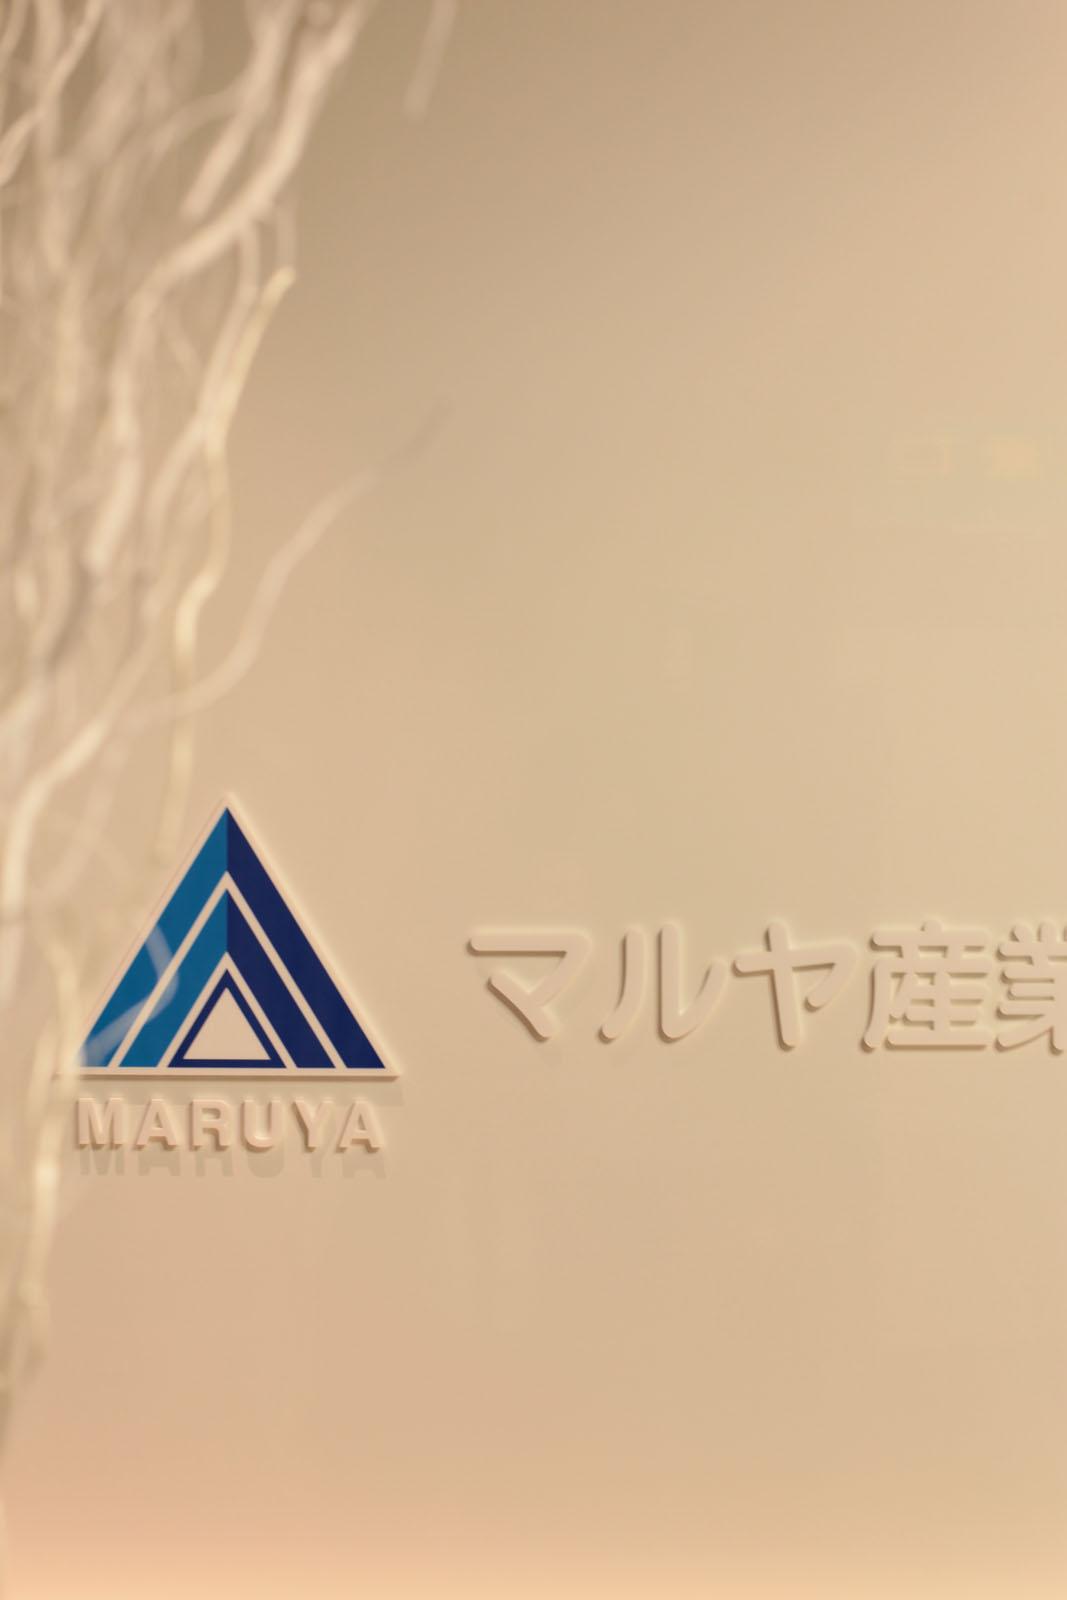 マルヤ産業株式会社16